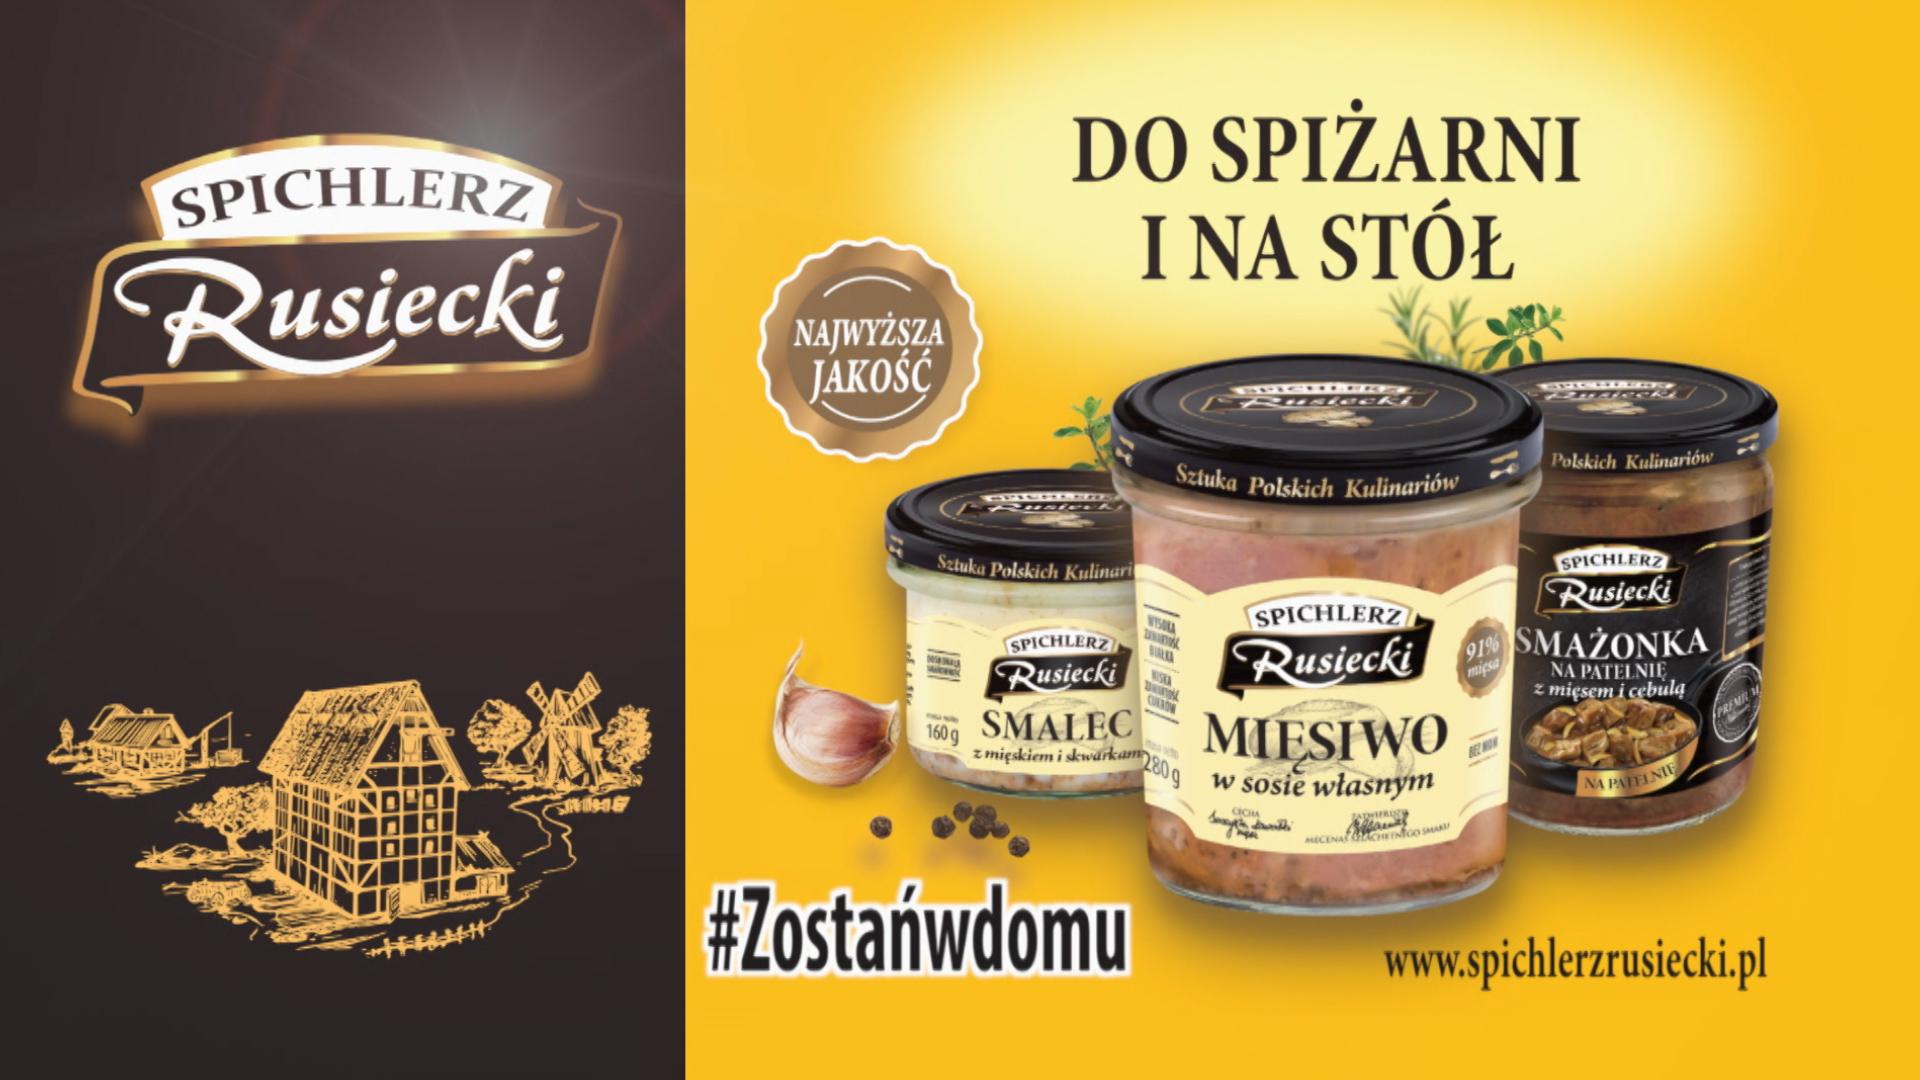 """""""Do spiżarni i na stół"""" – nowa kampania marki Spichlerz Rusiecki"""